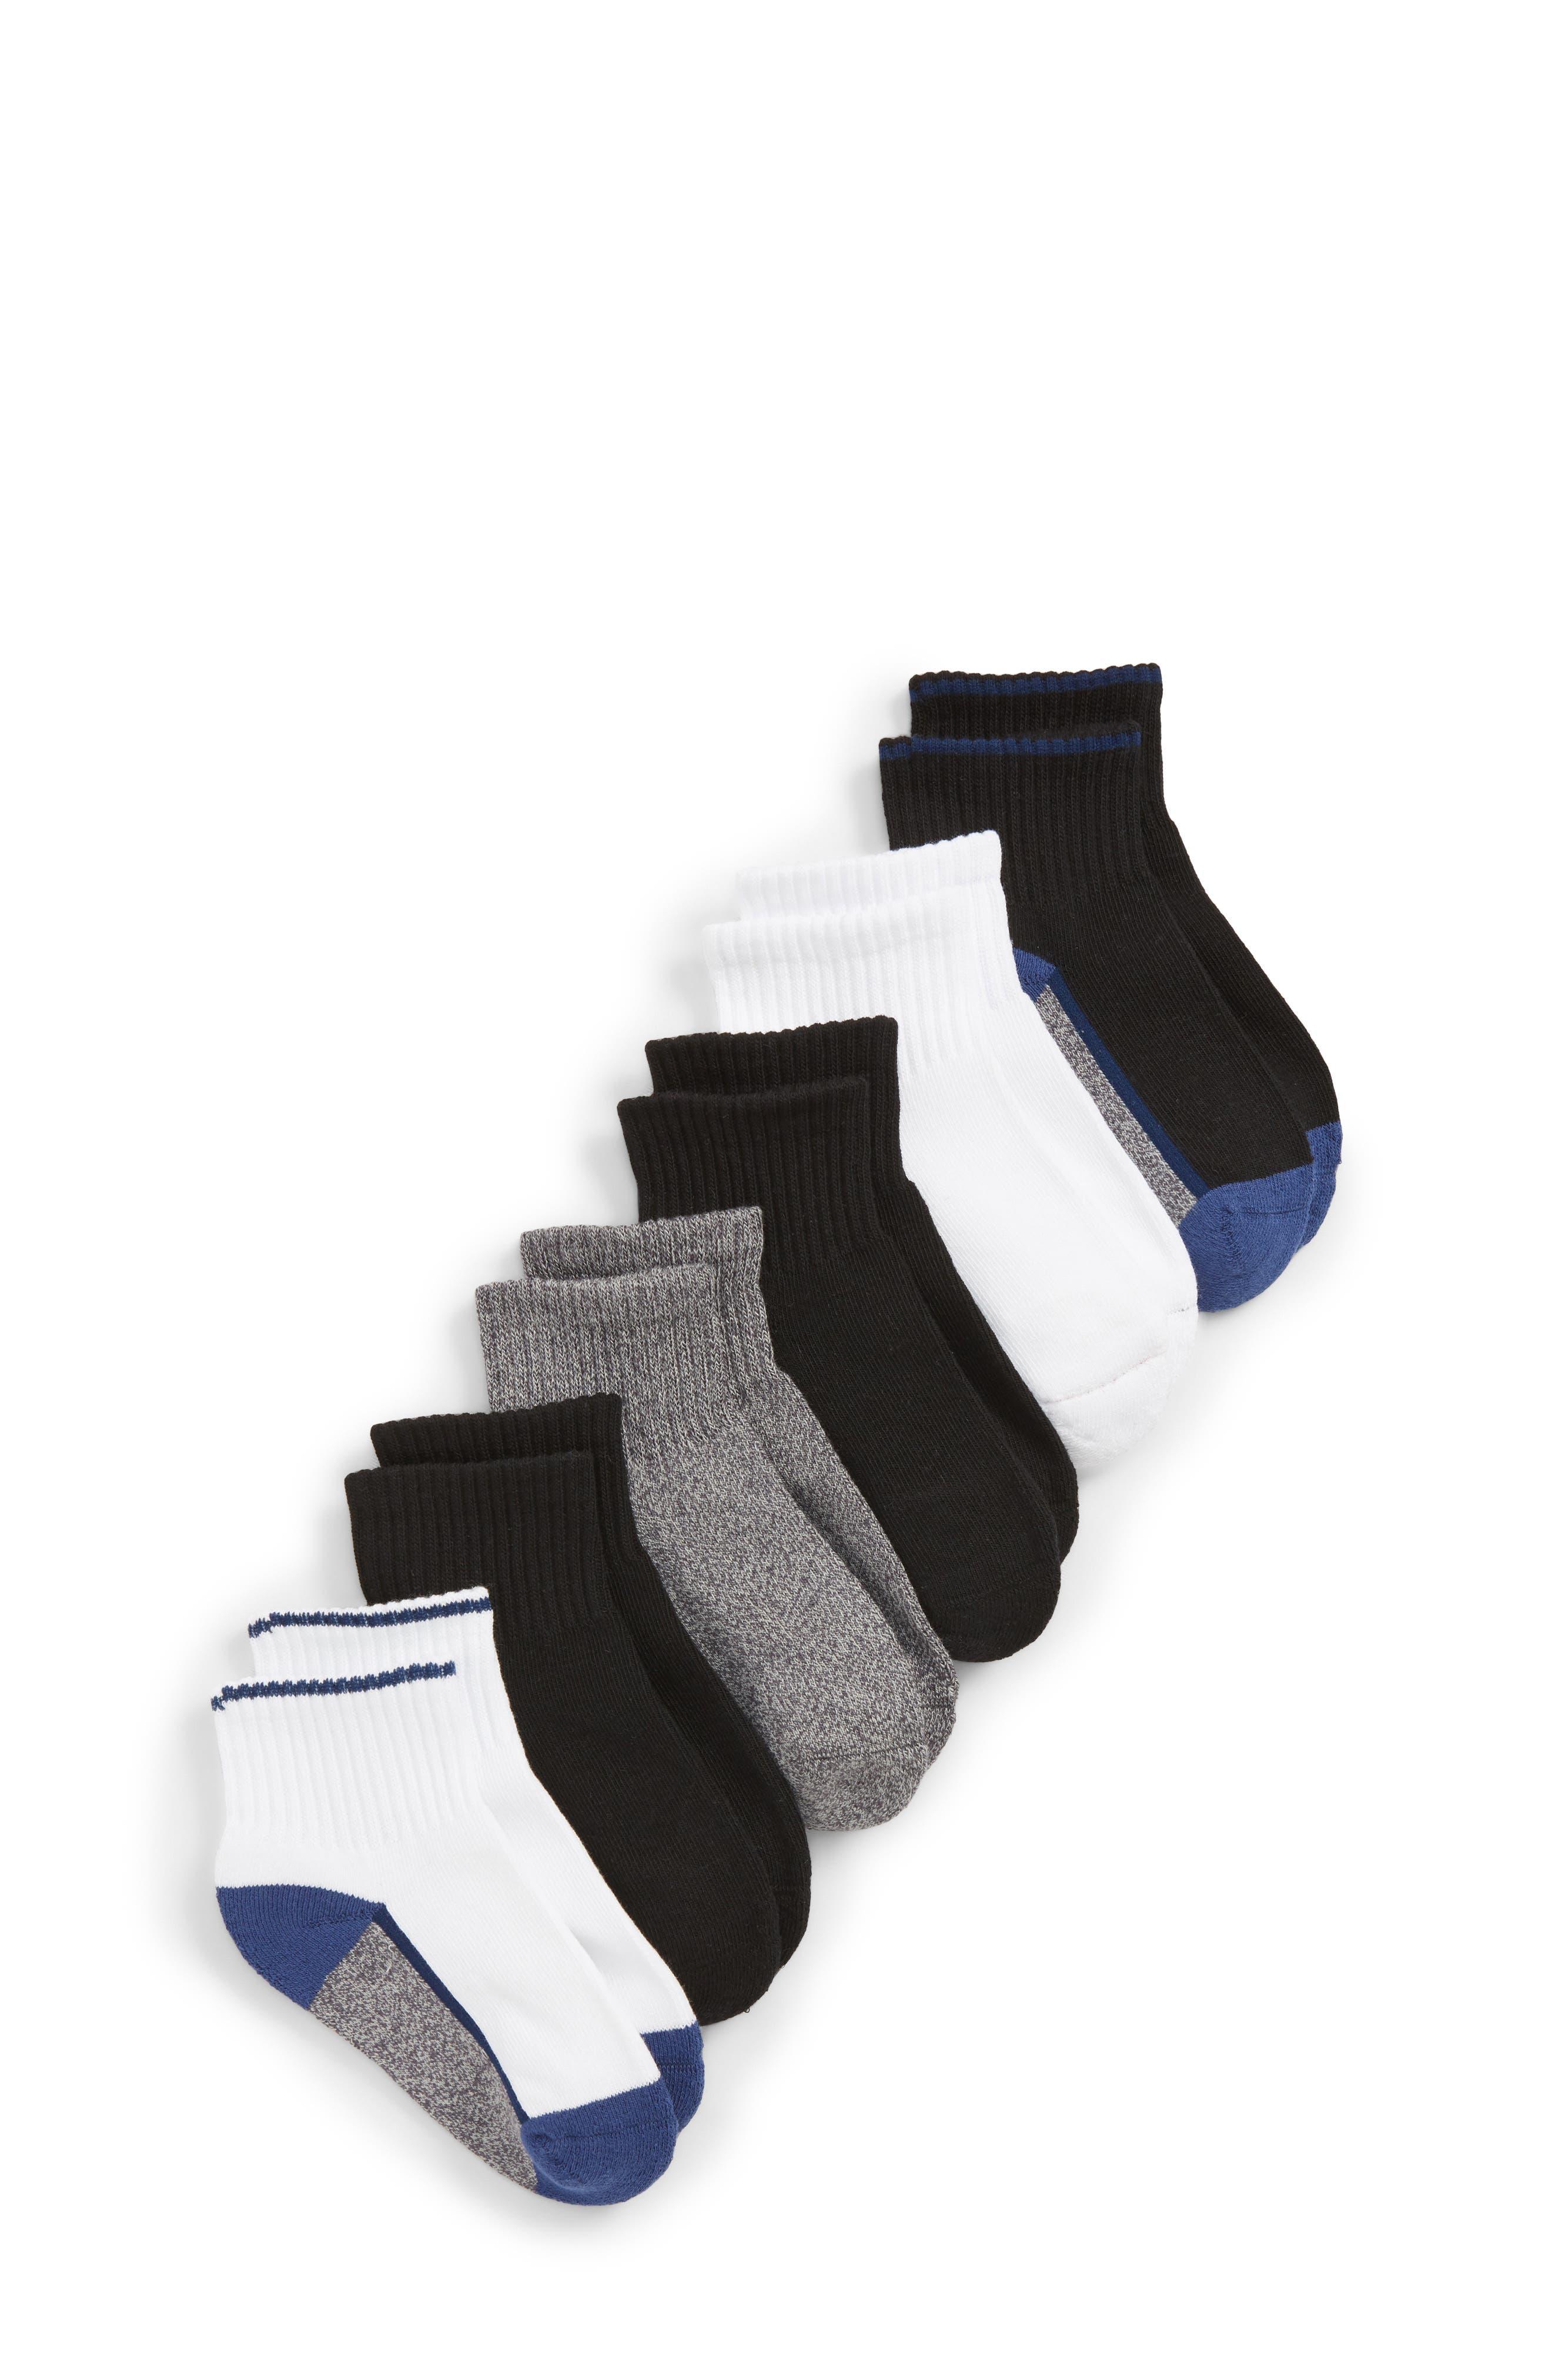 6-Pack Active Quarter Socks,                             Main thumbnail 1, color,                             Twilight Blue Multi